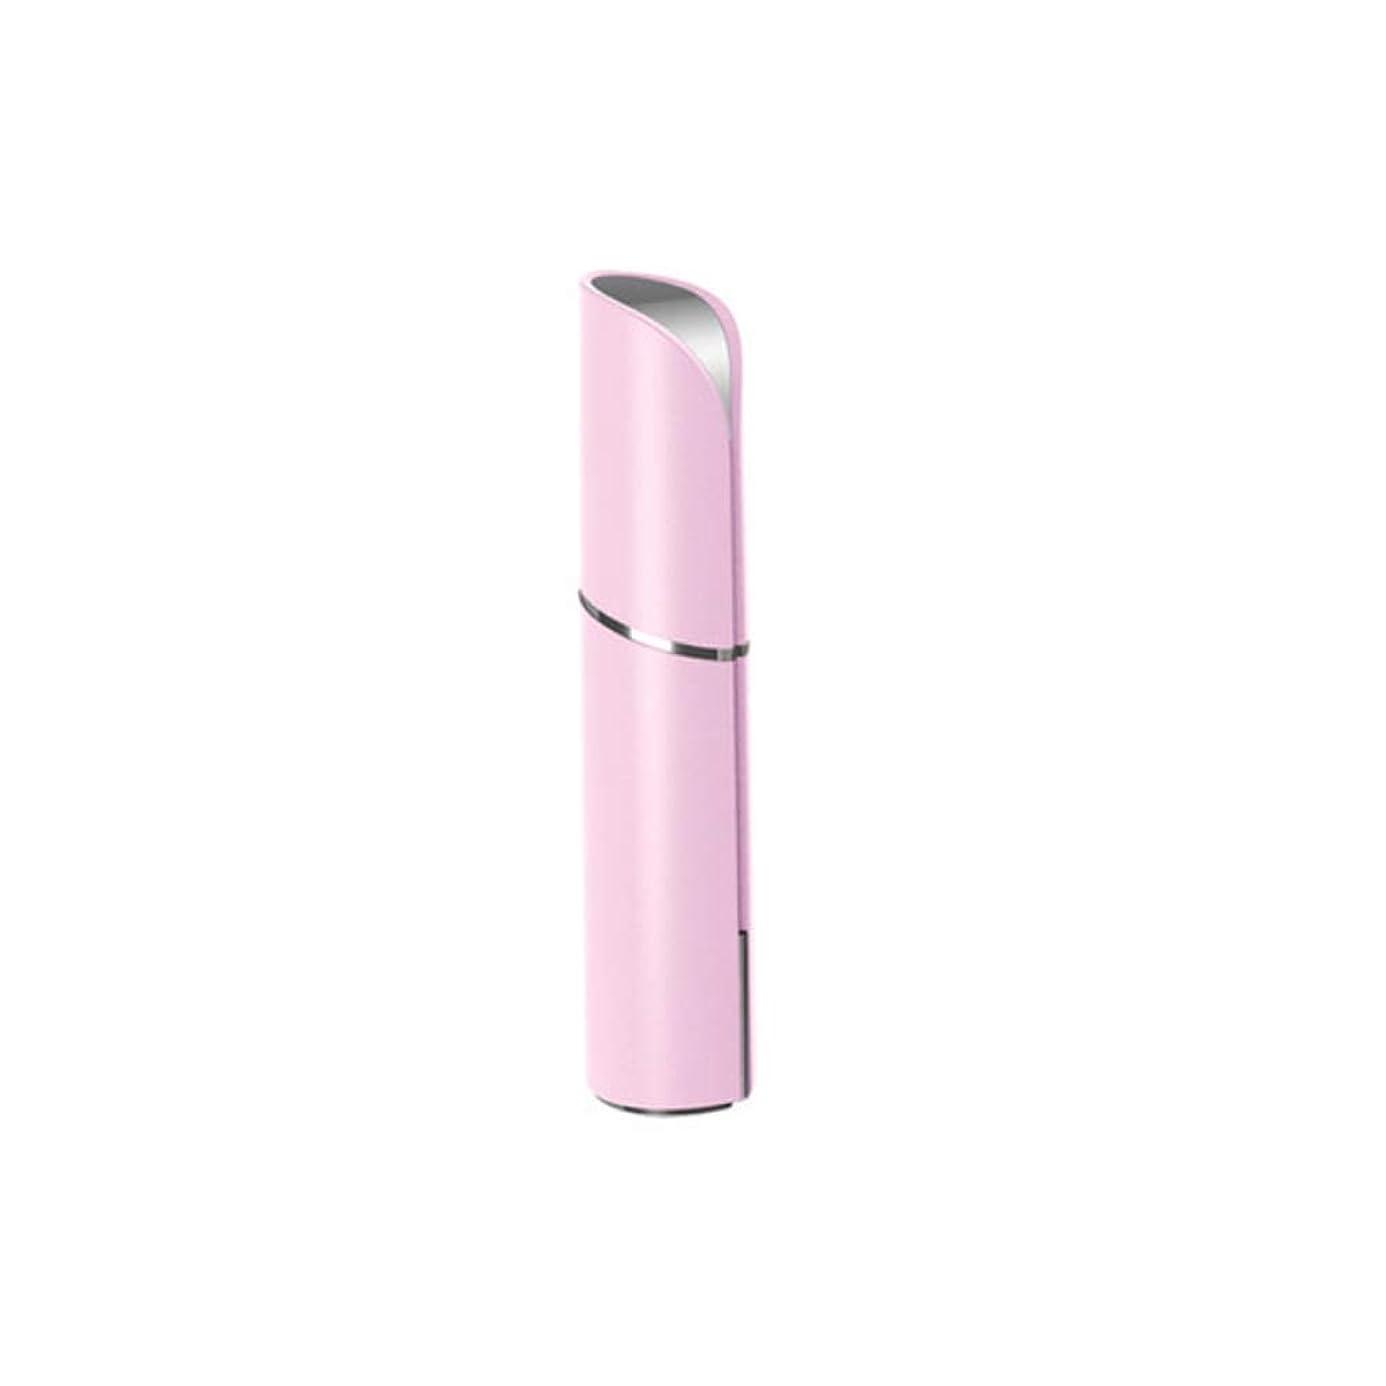 スカリー忠実な靄マッサージャー - 黒丸アンチリンクルアイバッグ美容機器アーティファクト女性に行く (色 : Pink)